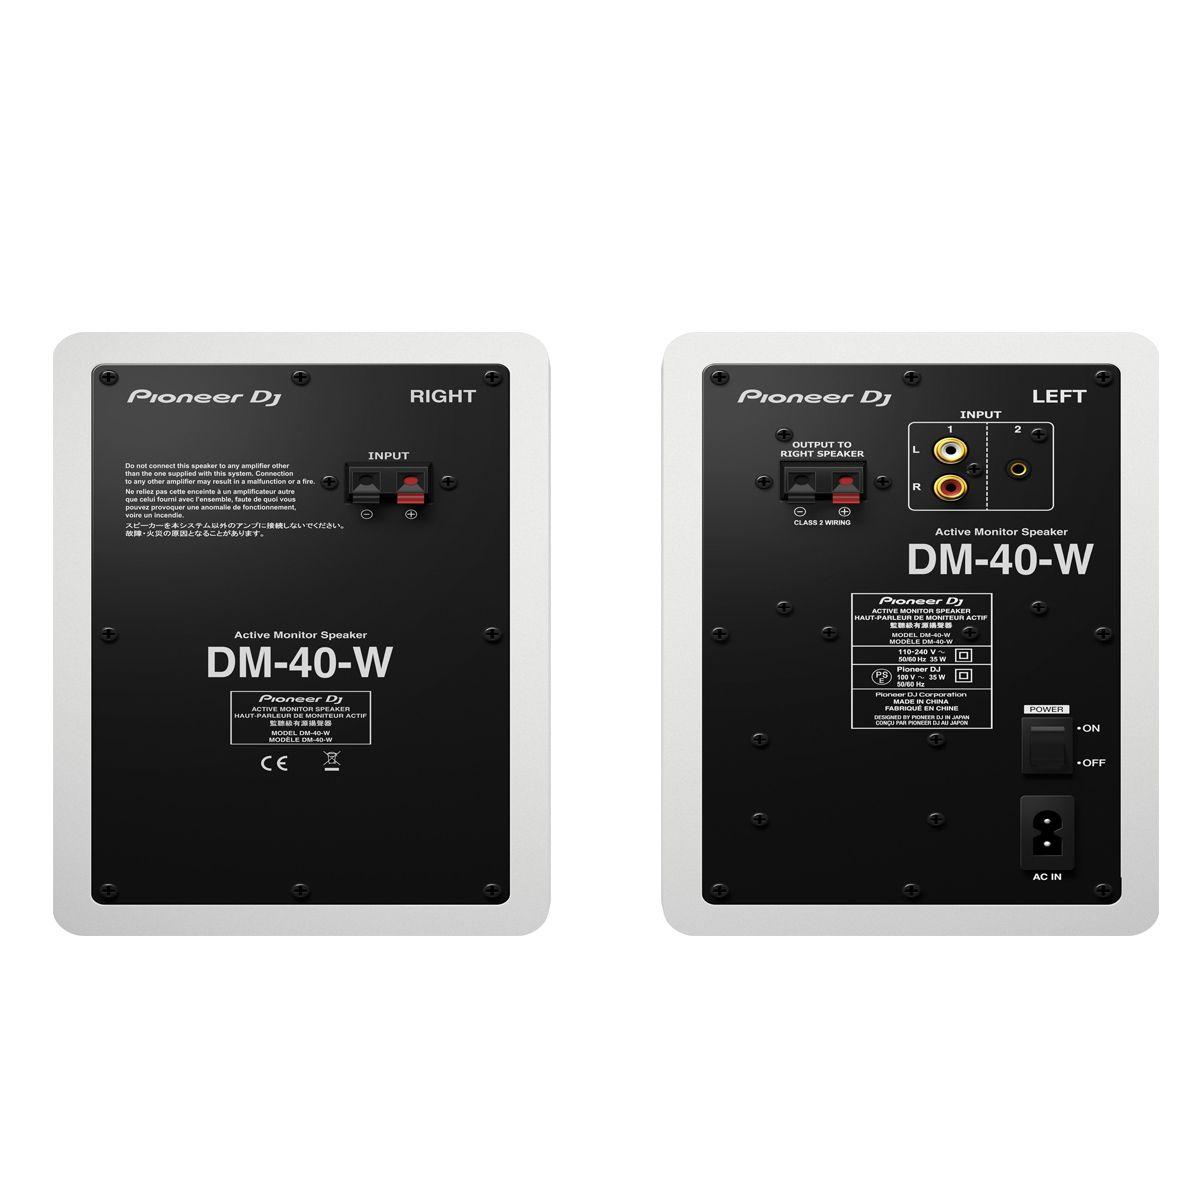 Monitor De Referência Pioneer Dj Dm-40 Branco